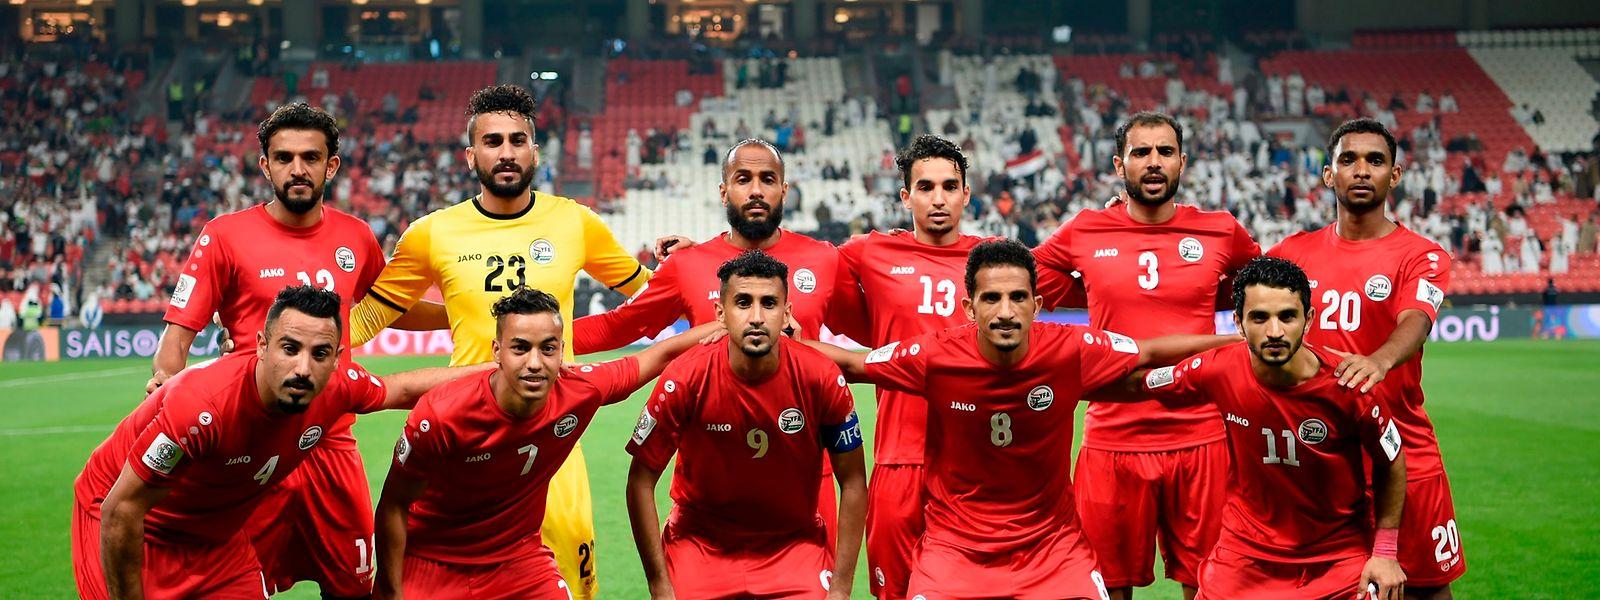 Die Nationalmannschaft Jemens tritt derzeit beim Asien-Cup an.